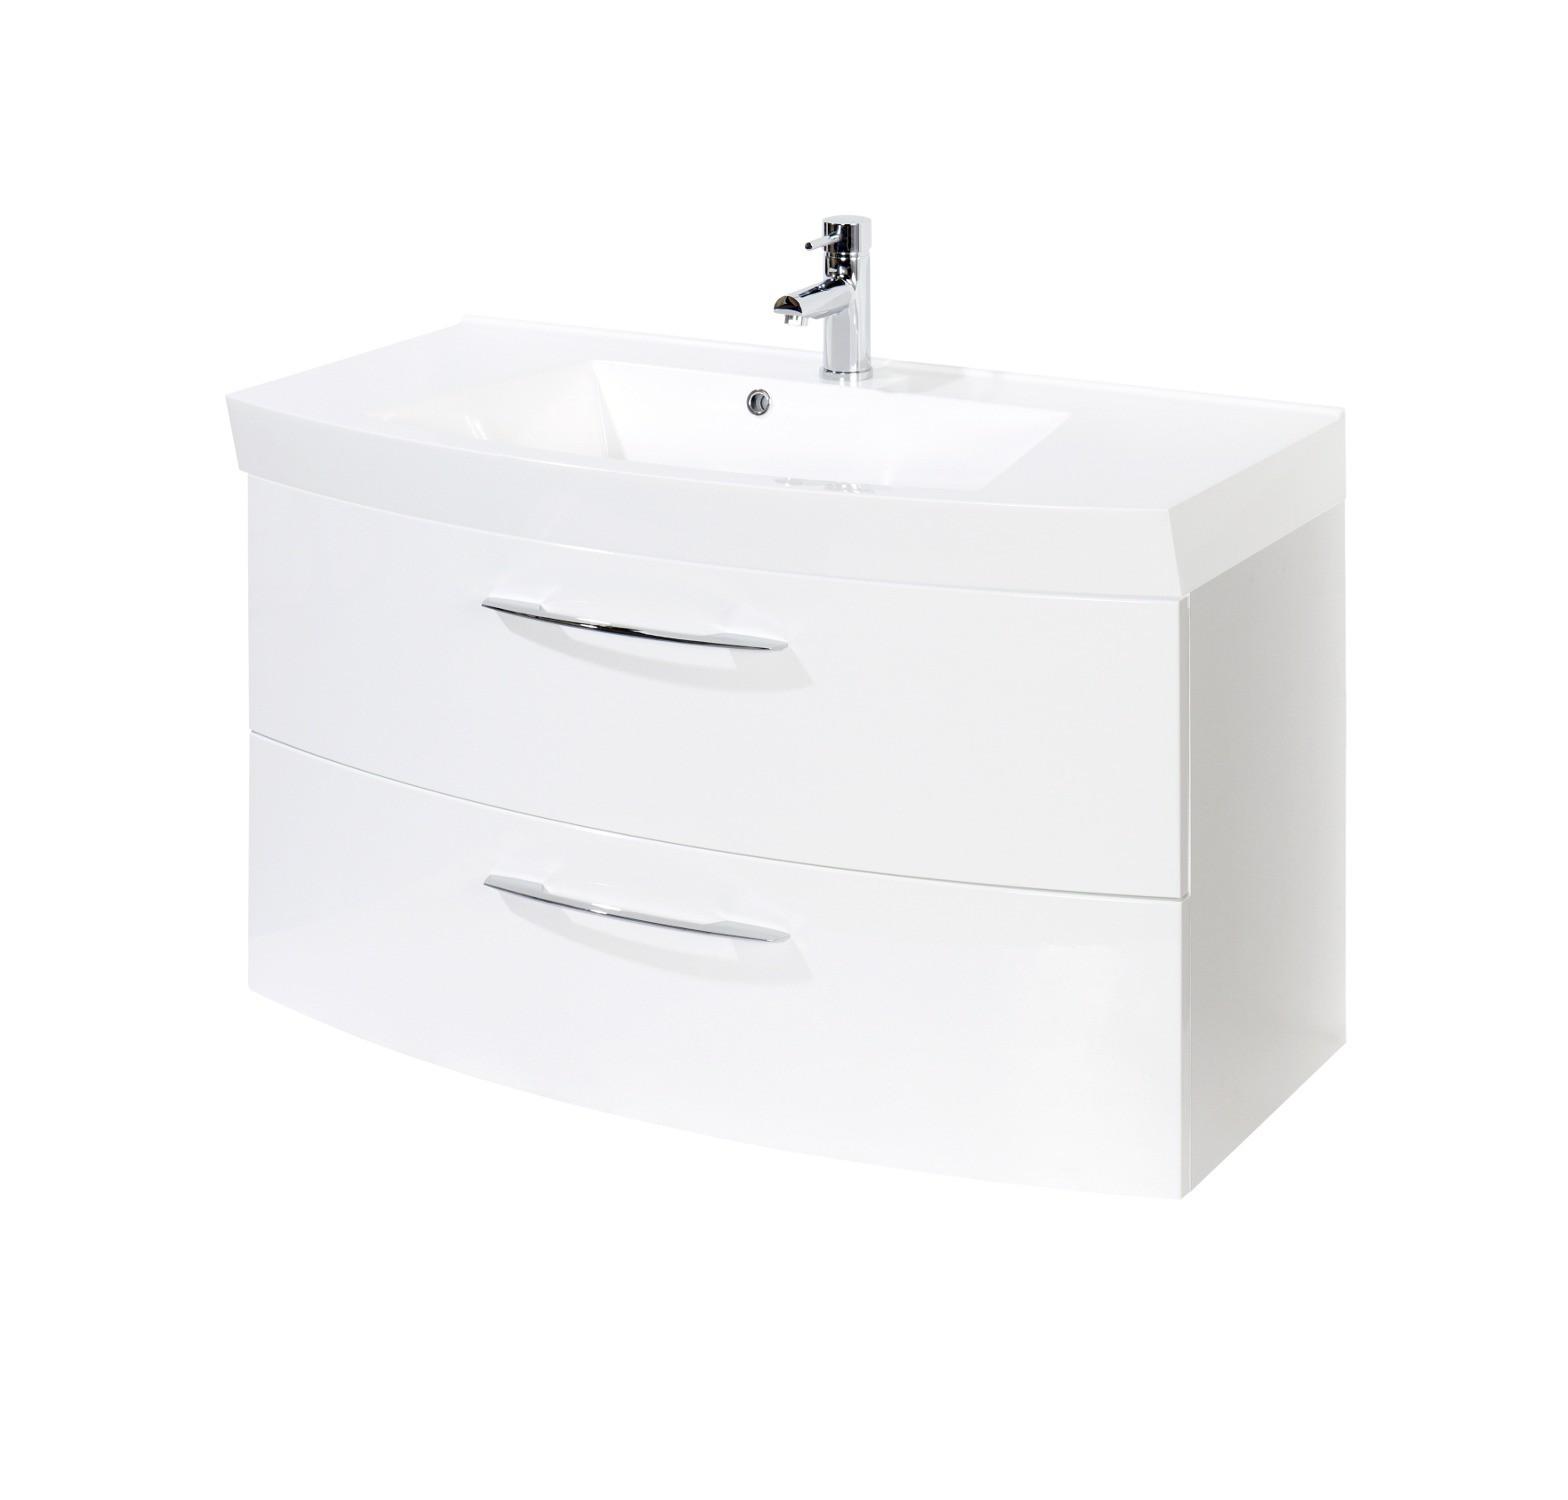 badm bel set florida mit waschtisch und spiegelschrank 4 teilig 100 cm breit hochglanz. Black Bedroom Furniture Sets. Home Design Ideas